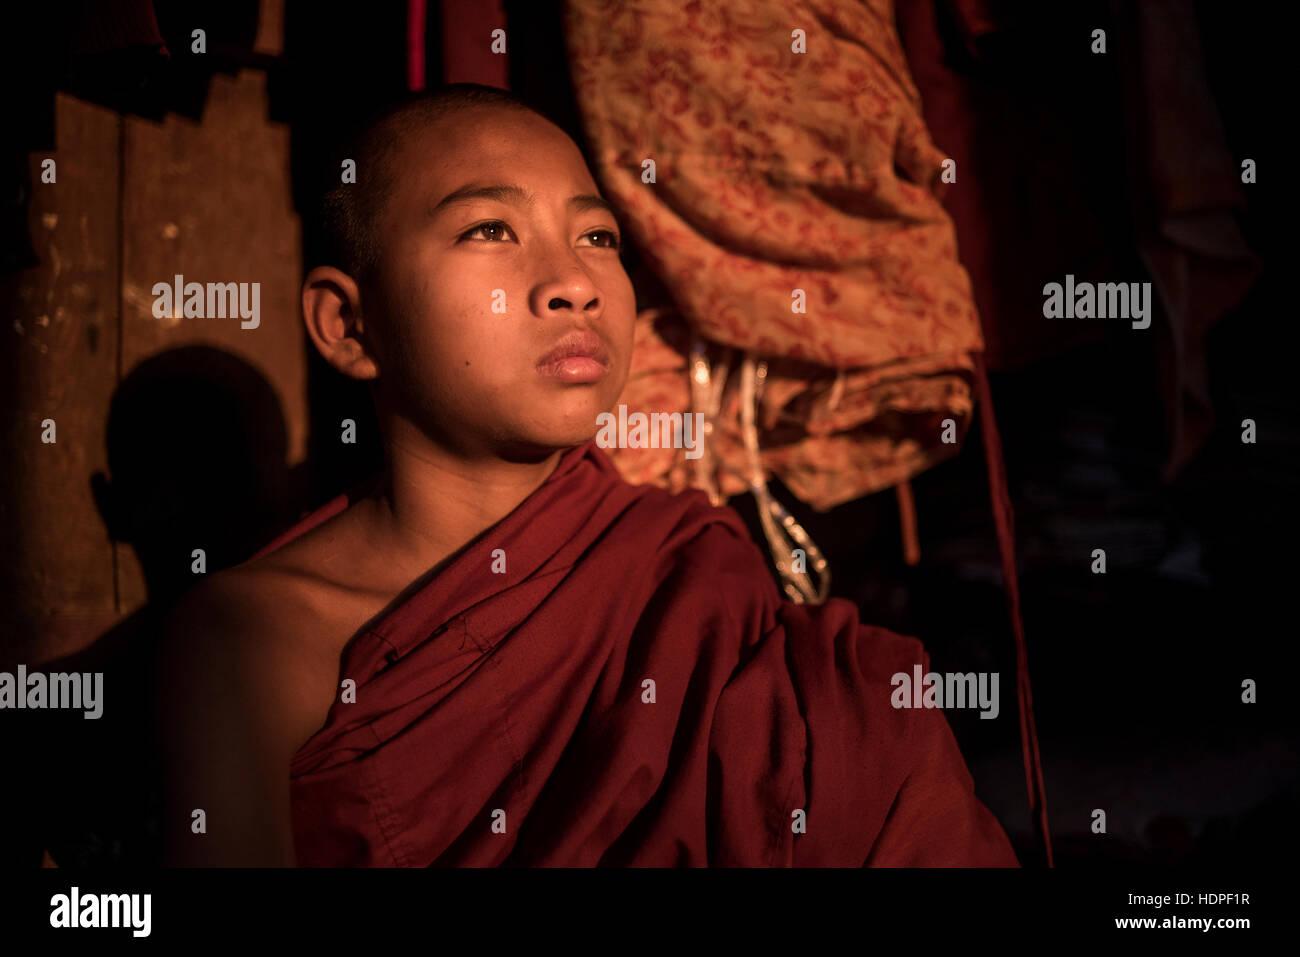 Portrait d'un jeune novice, moine bouddhiste au monastère Shwe Yan Pyay, Nyaungshwe, Myanmar. Photo Stock